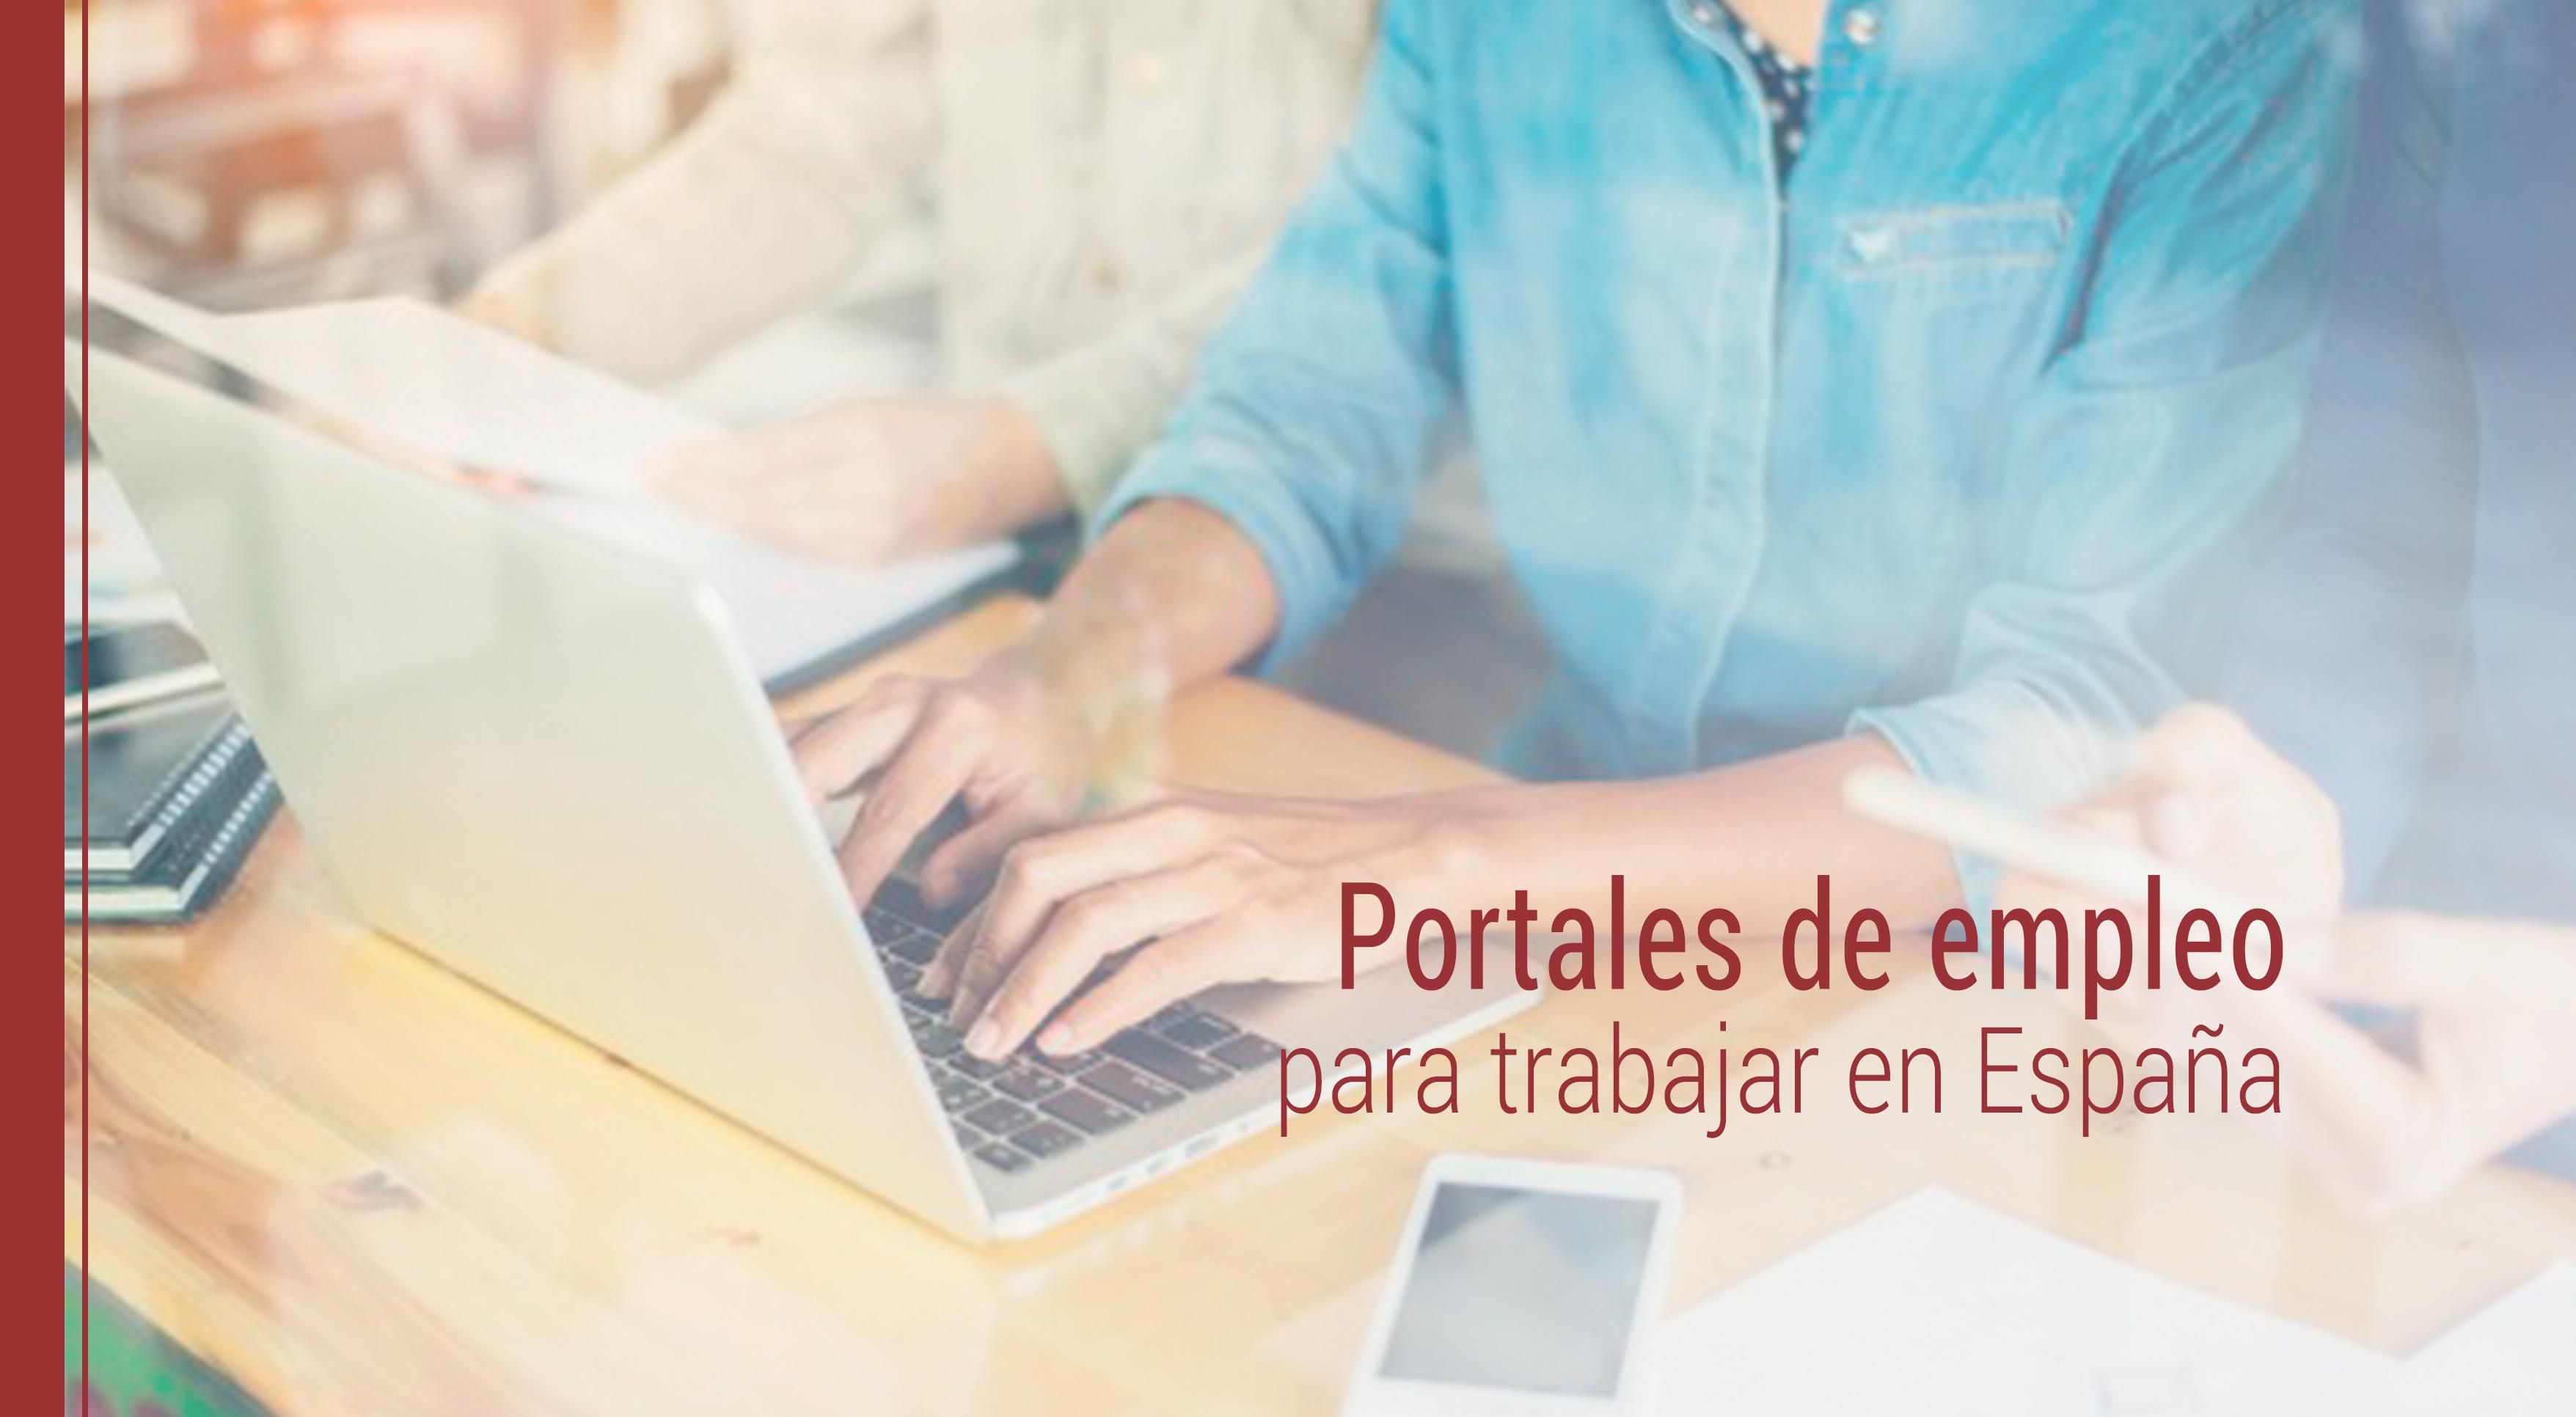 Principales portales de empleo para trabajar en espa a - Trabajar en facebook espana ...